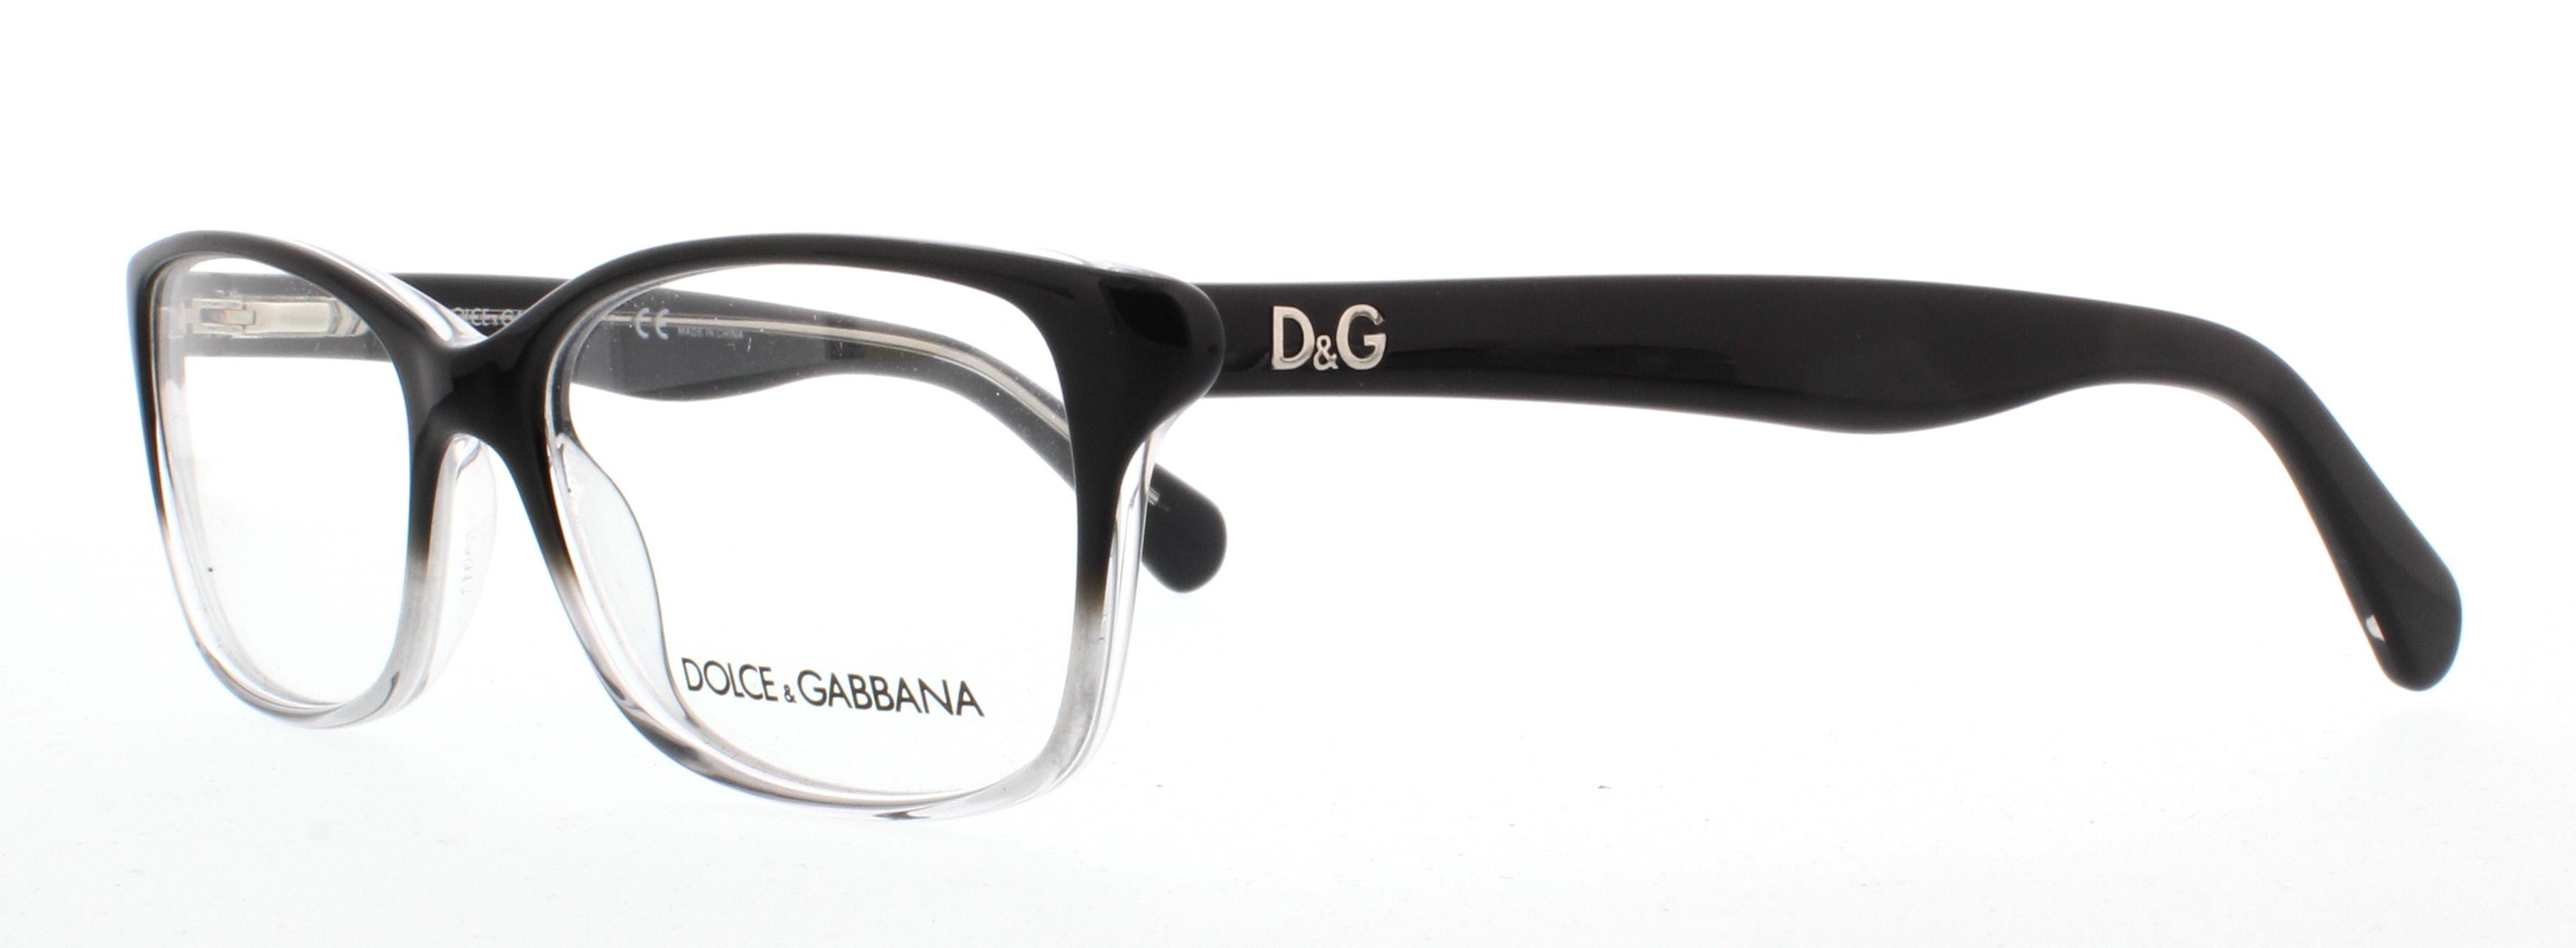 Designer Frames Outlet. D&G DD1246